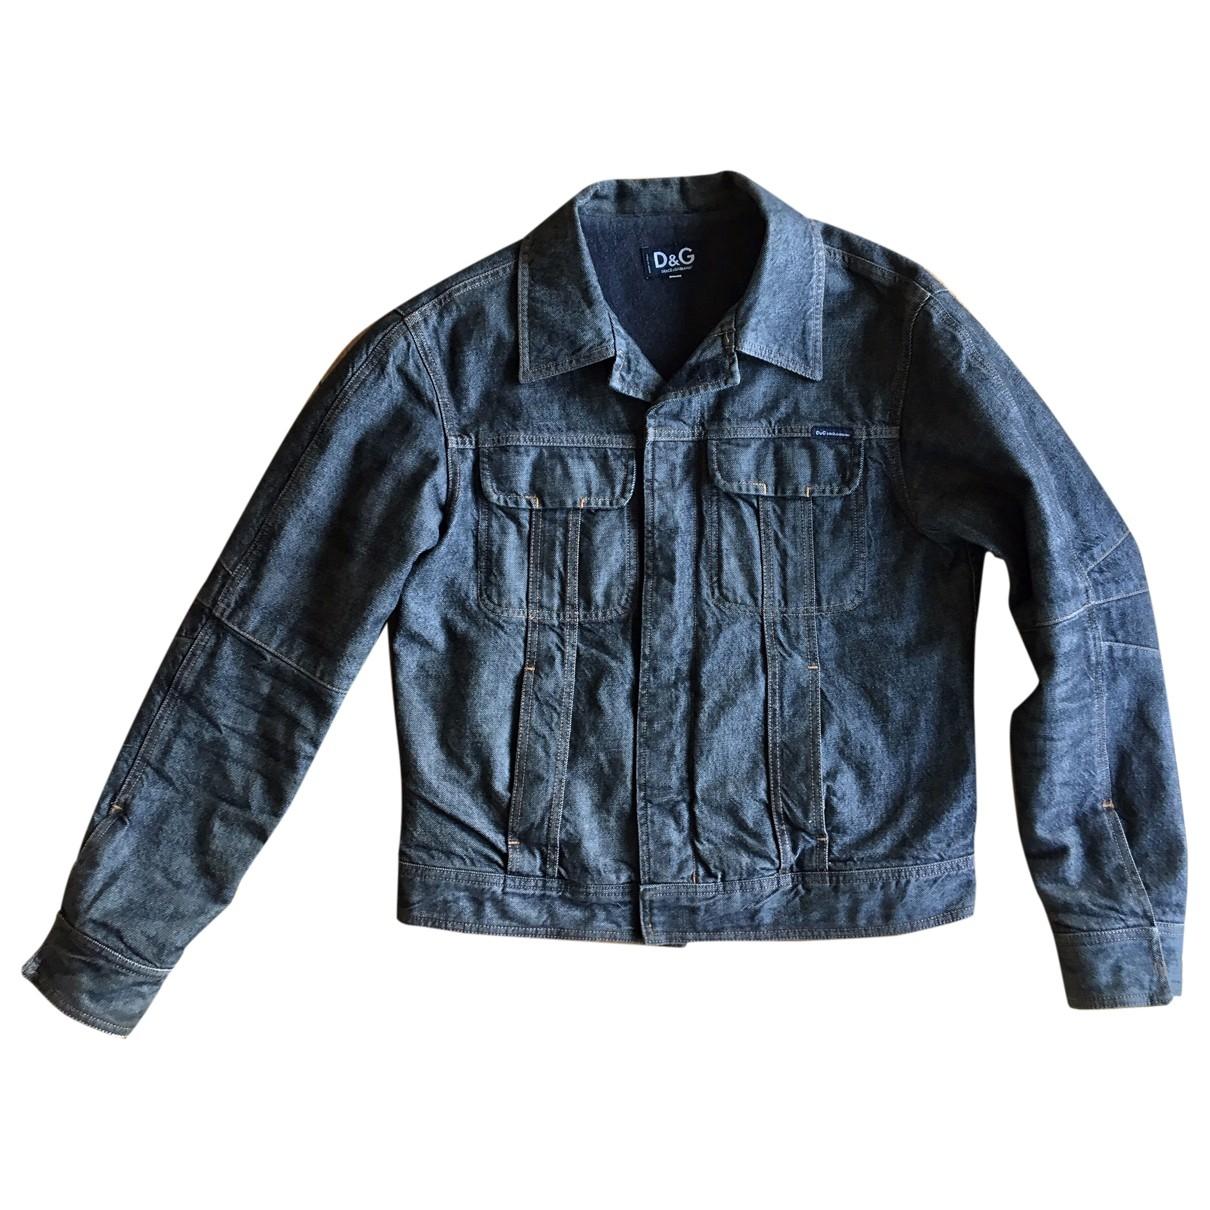 D&g \N Denim - Jeans jacket  for Men L International